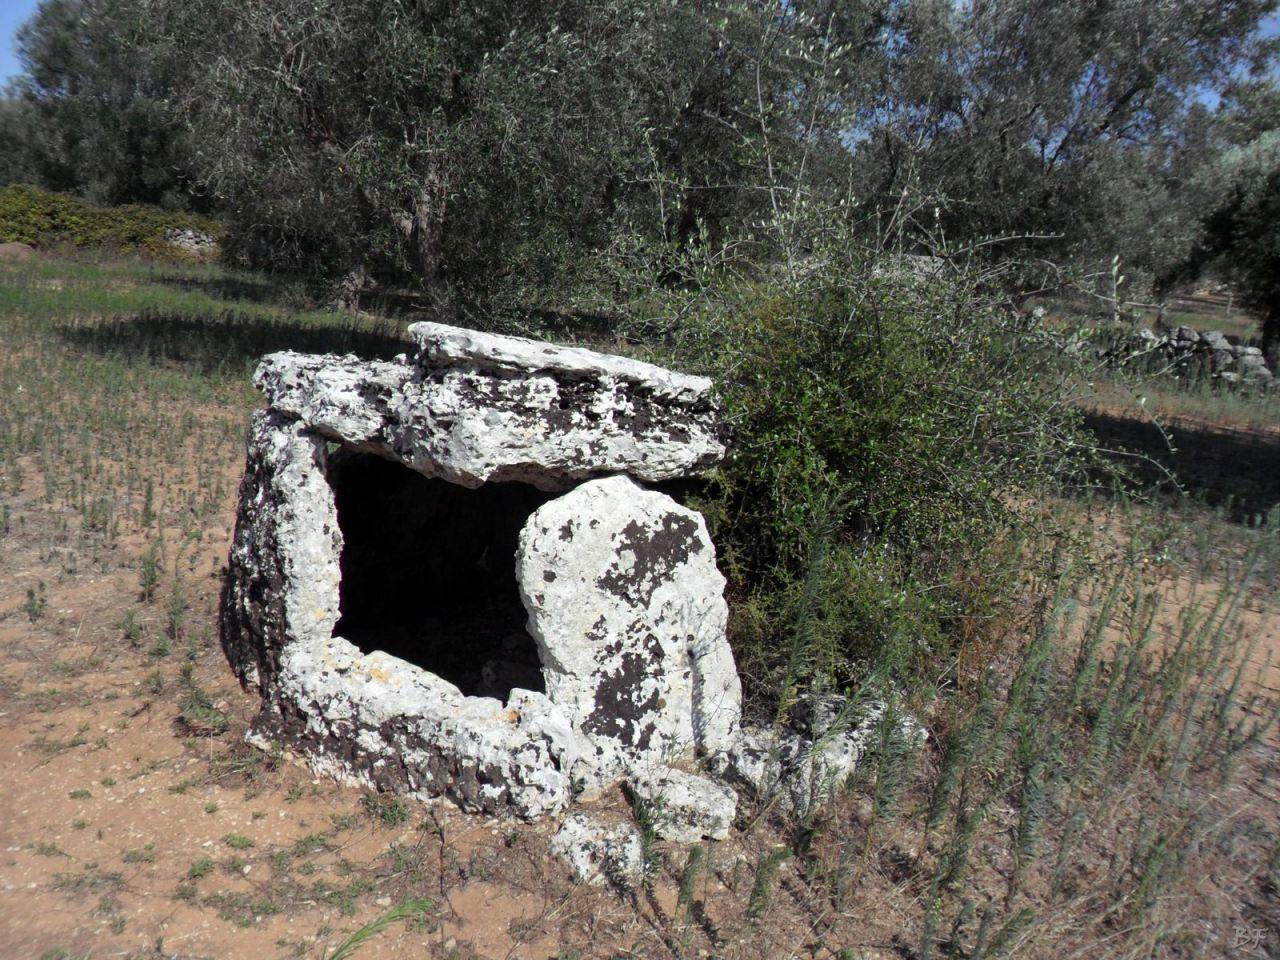 Dolmen-Placa-Melendugno-Megaliti-Salento-Lecce-Puglia-Italia-7